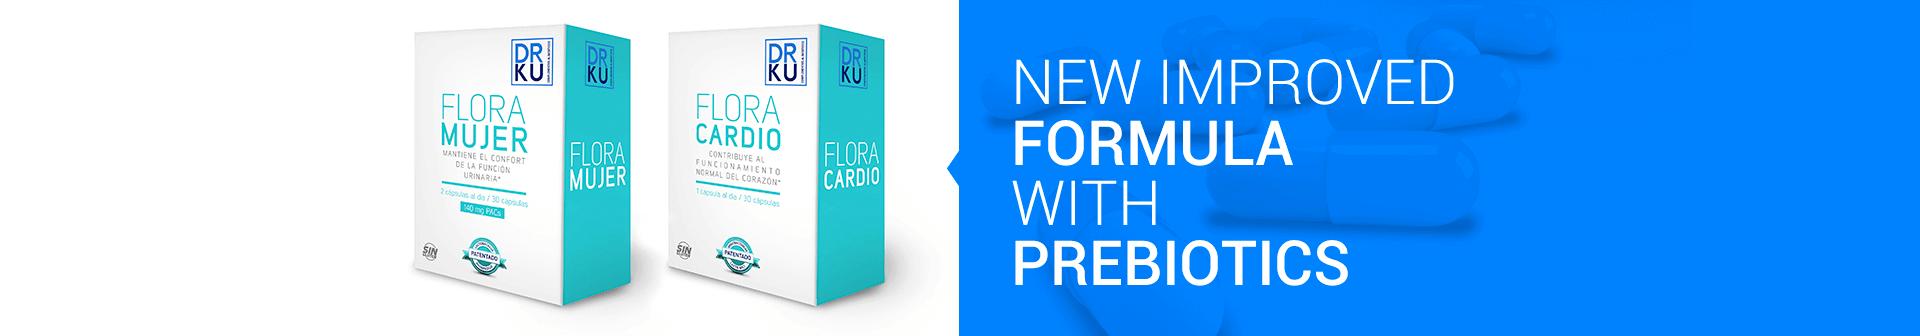 new prebiotic formula